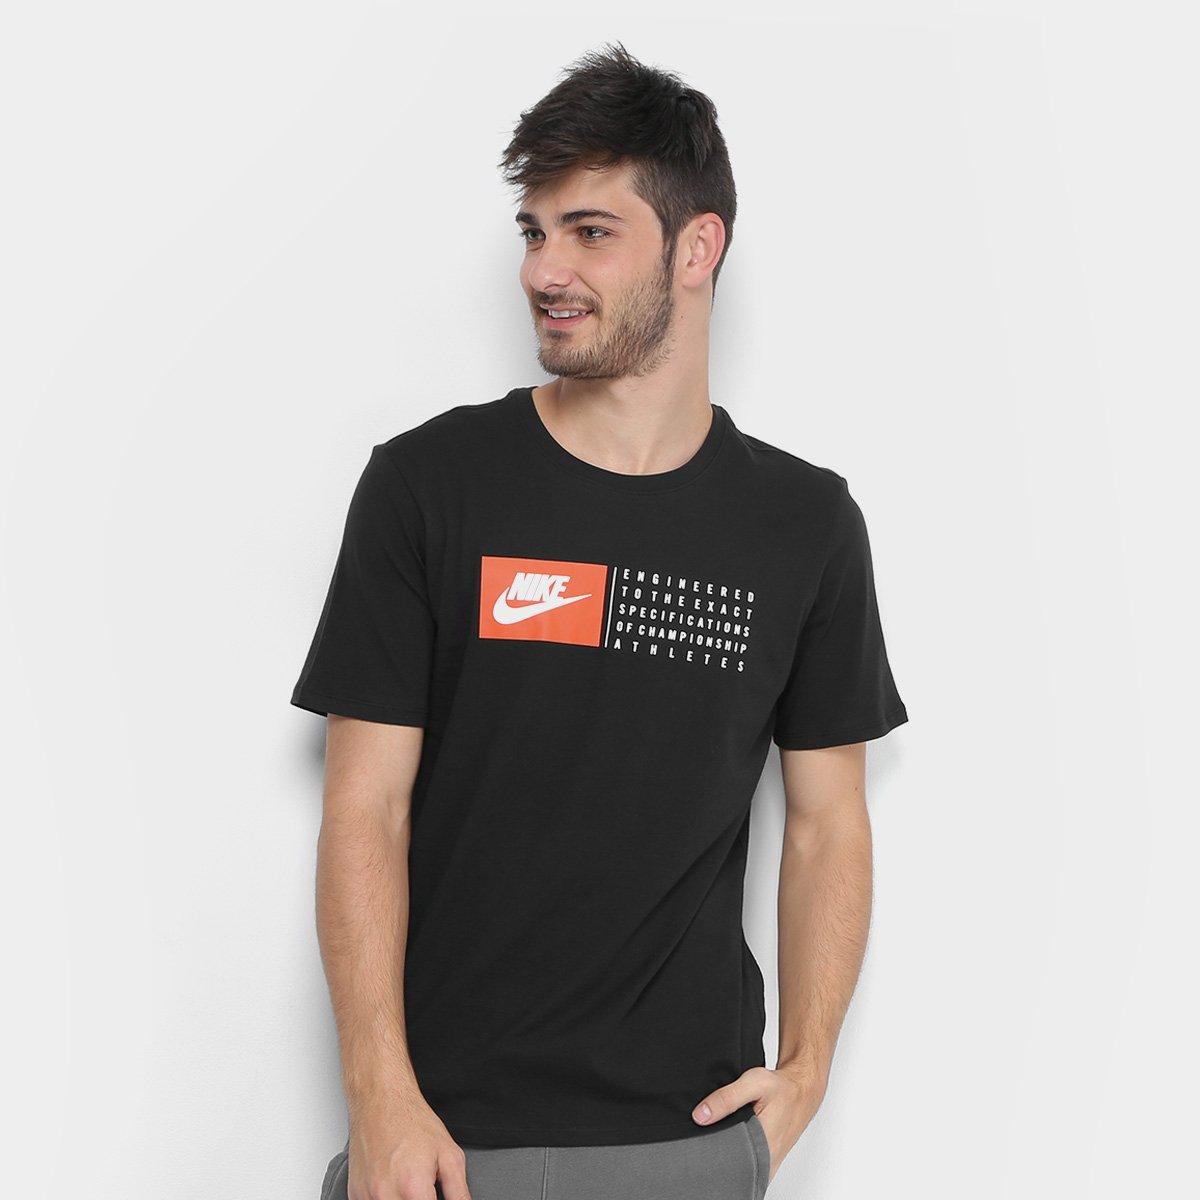 55a247e821afa Camiseta Nike Nsw Verbiage Masculina - Compre Agora